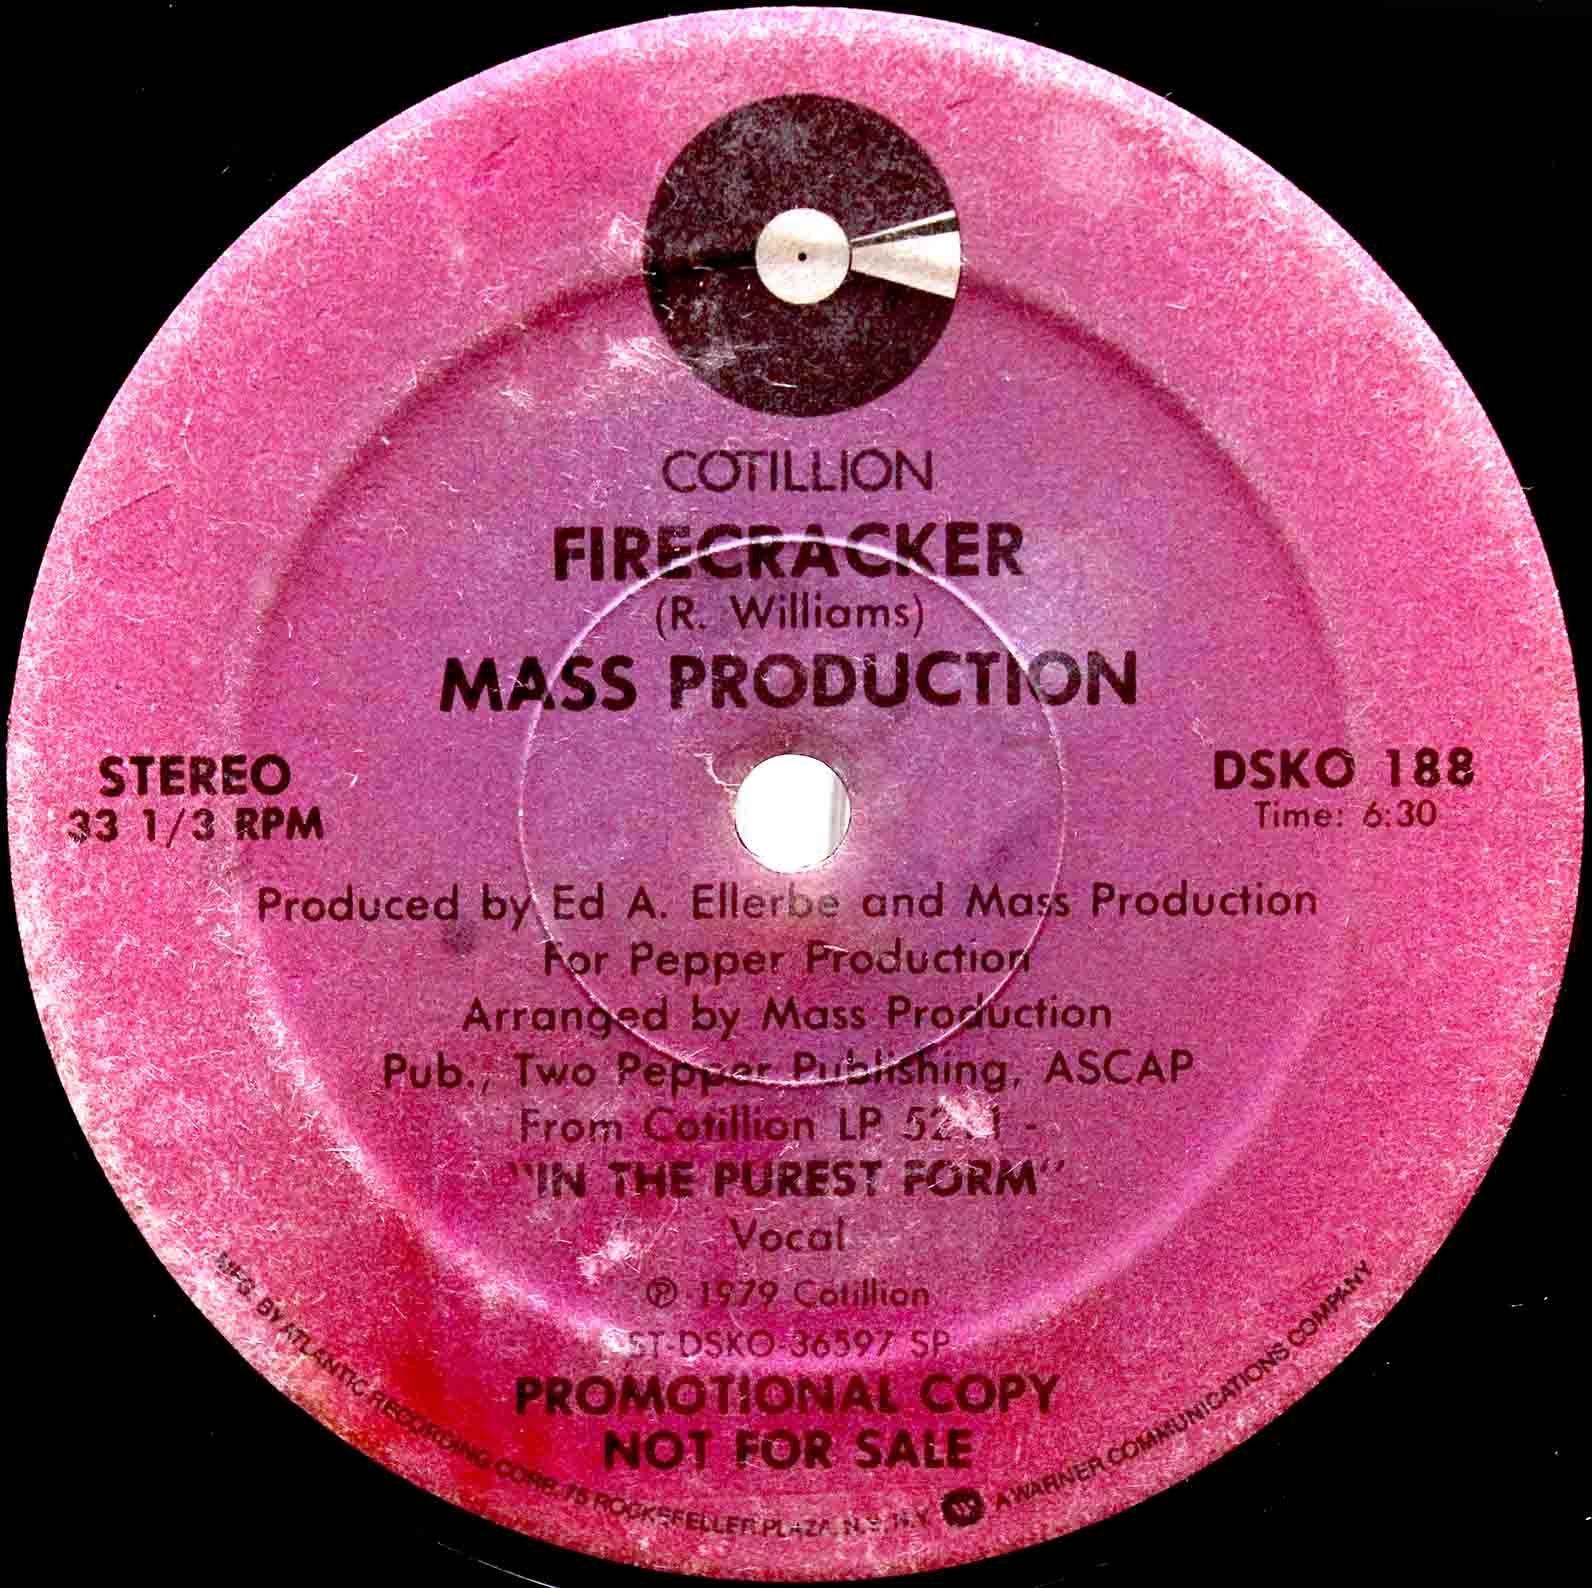 Mass Production – Firecracker 03